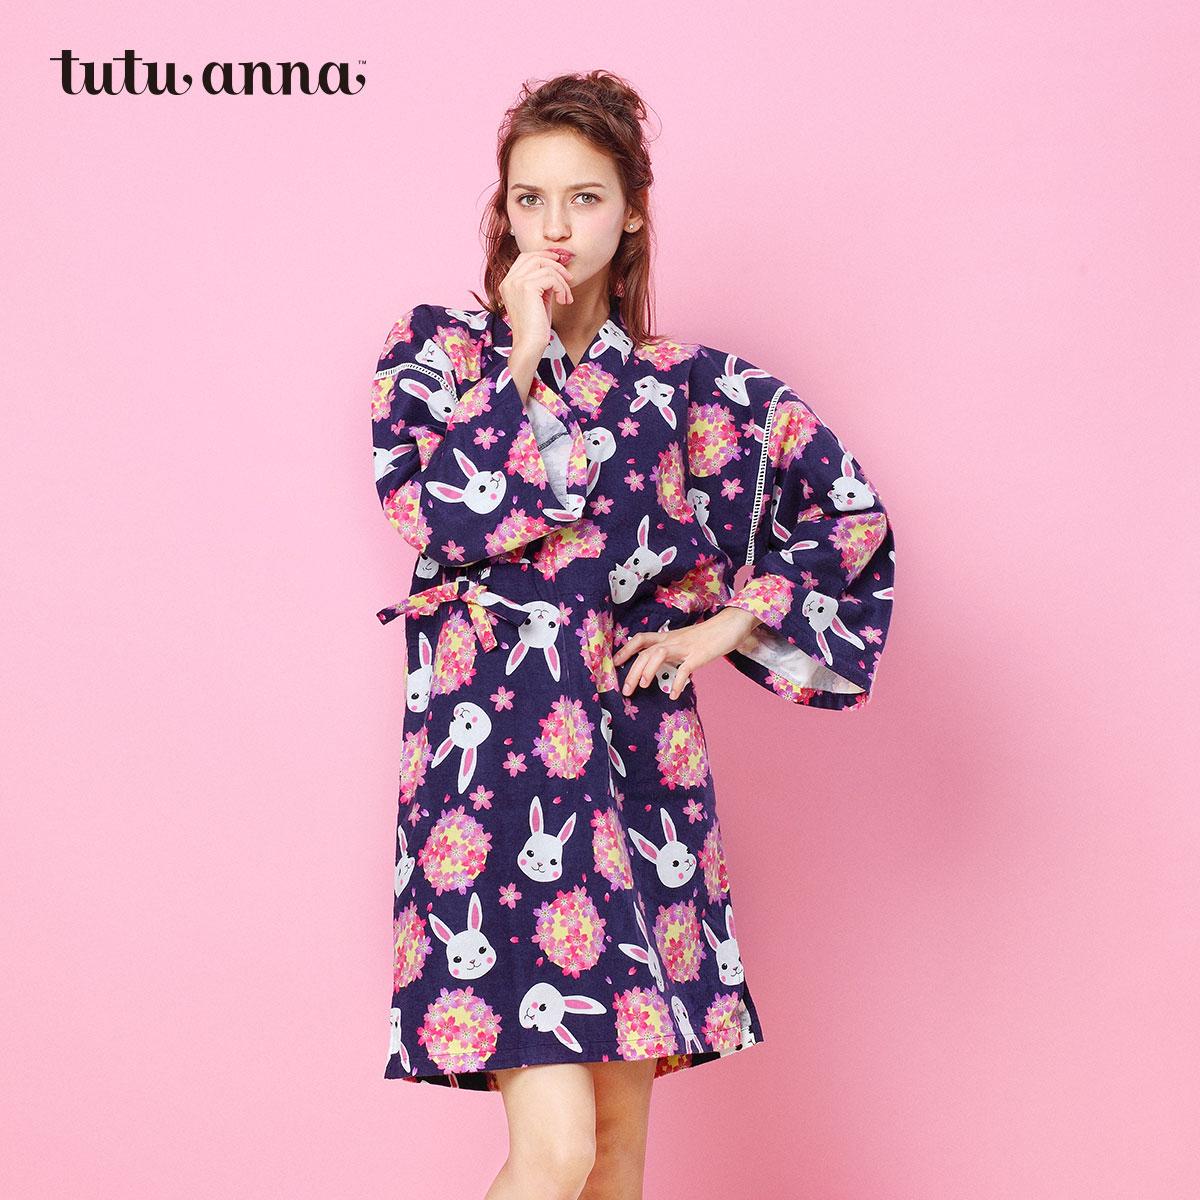 tutuanna睡衣女秋冬套装萌兔和服纯棉睡裙日系长袖可爱家居服秋冬